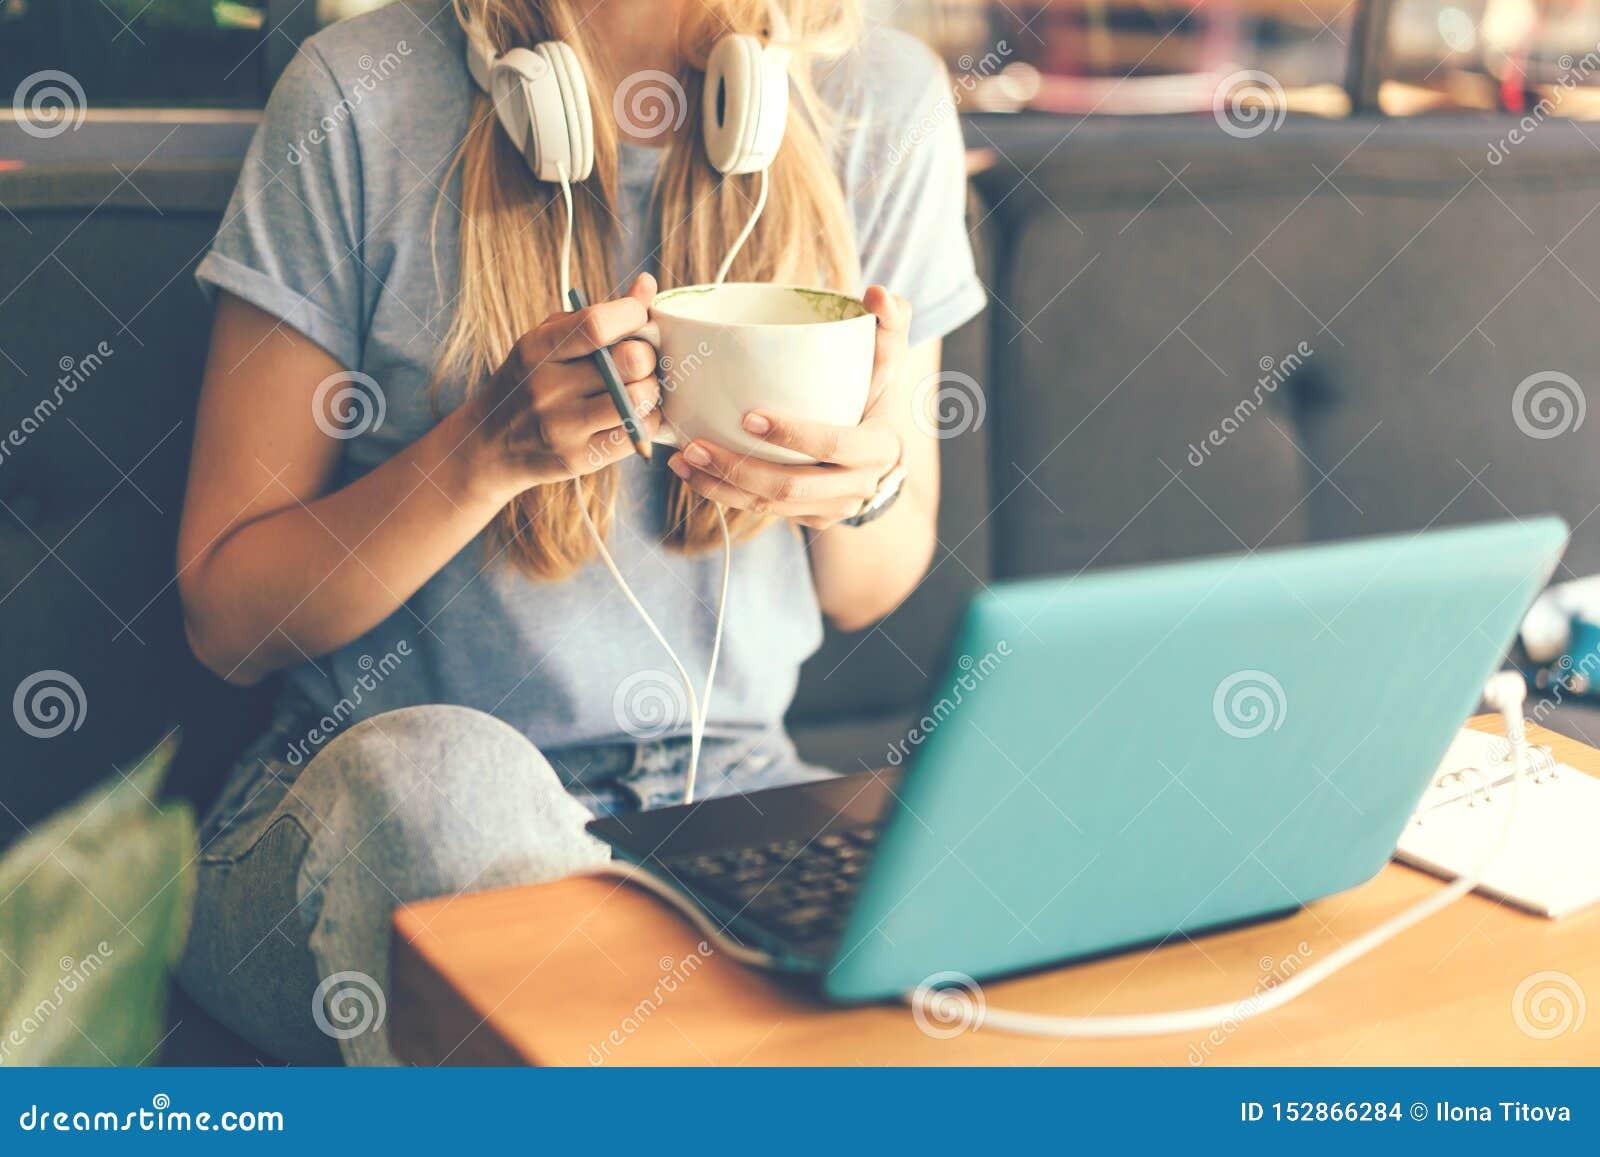 Närbild av en flicka med hörlurar och en bärbar dator